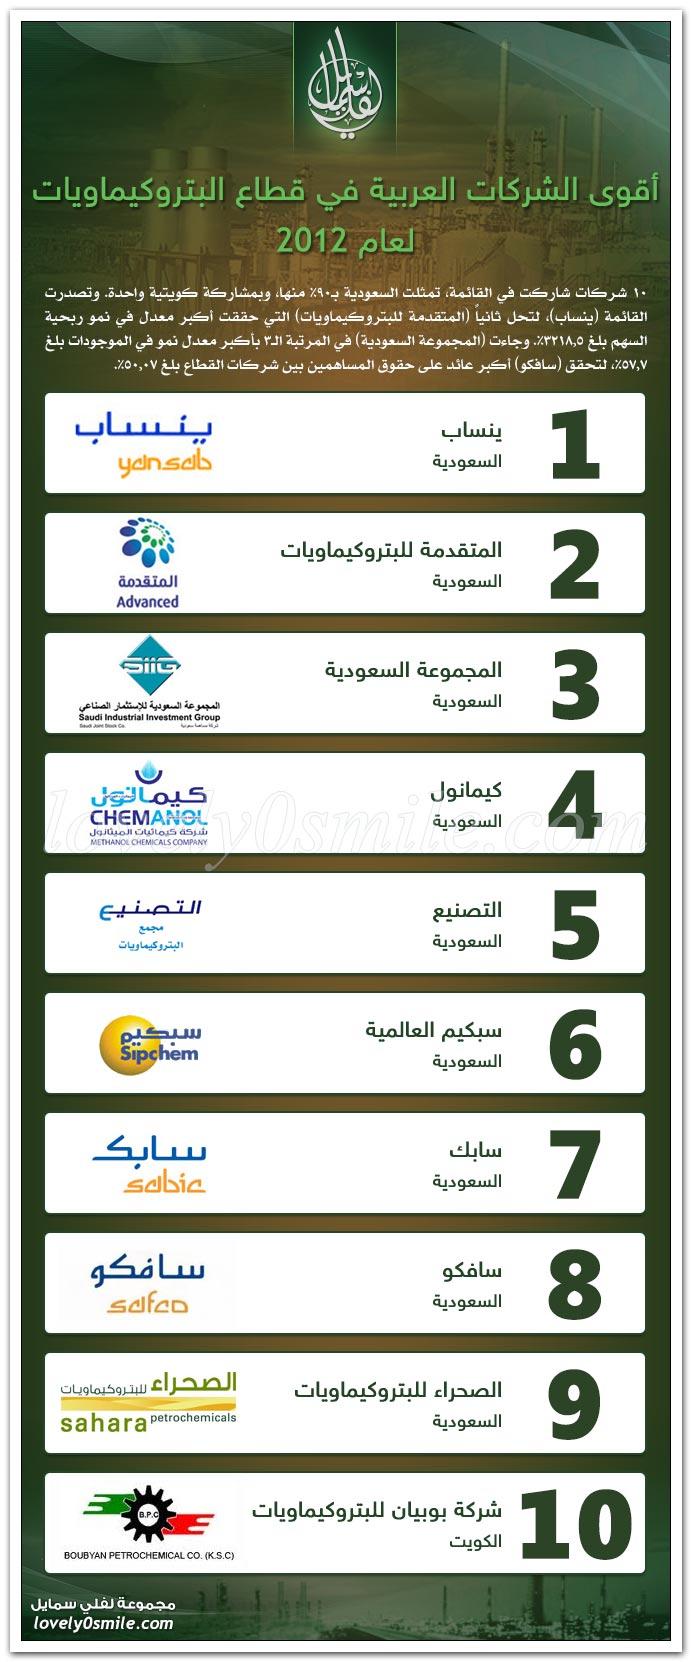 أقوى الشركات العربية في قطاع البتروكيماويات لعام 2012